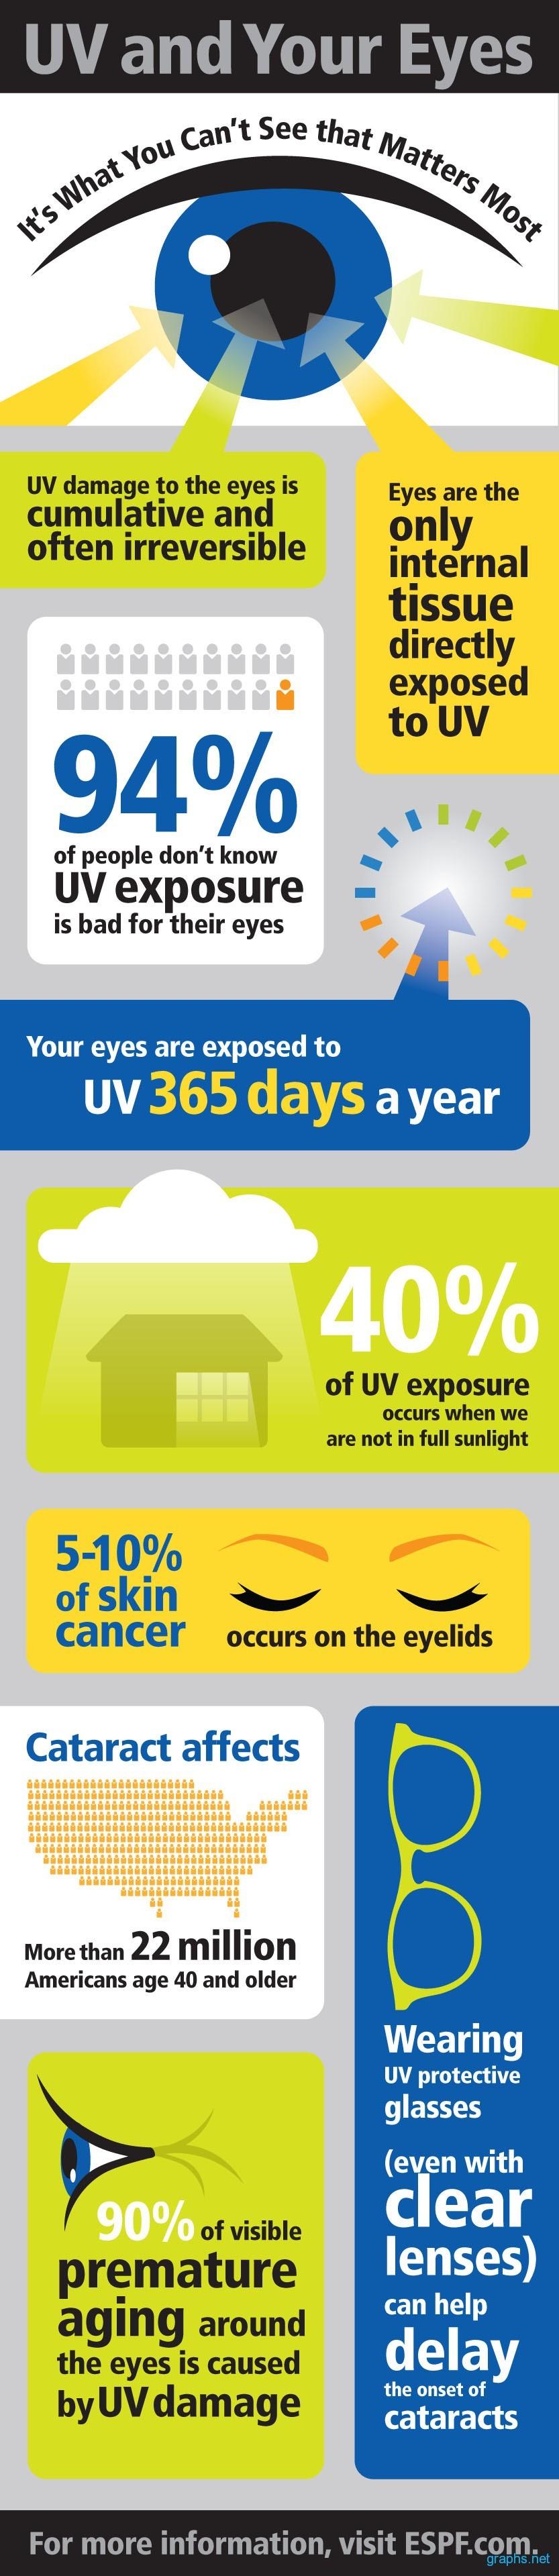 UV Effects on Eyes